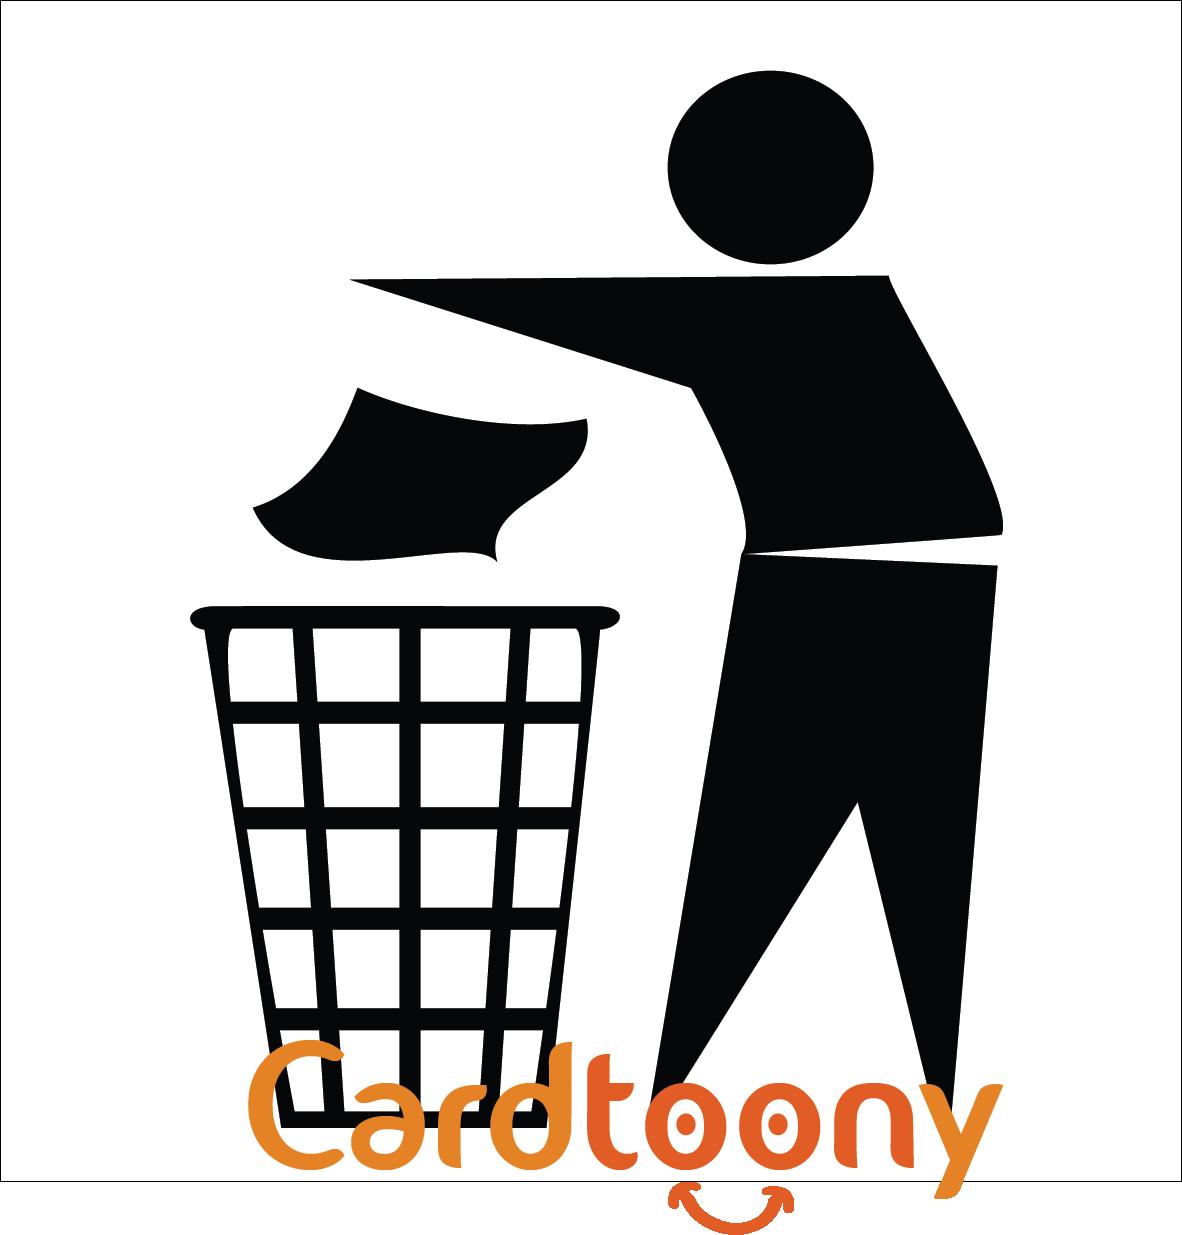 Jual Stiker Sticker Tanda Jagalah Kebersihan Buang Sampah Di Tempatnya Cardtoony Tokopedia